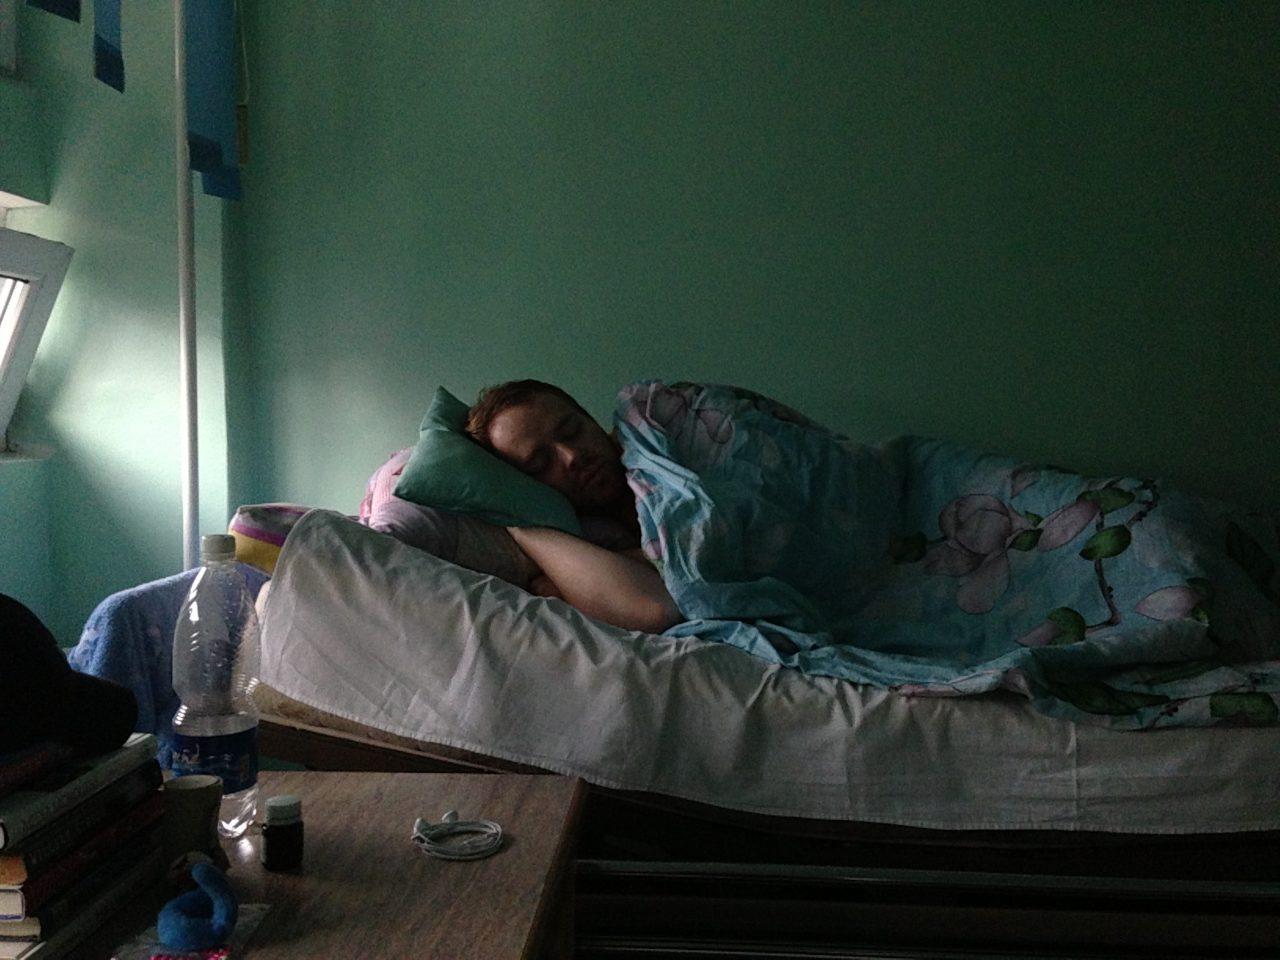 Judson recovering in a Bishkek hospital bed after having an appendectomy in Bishkek.